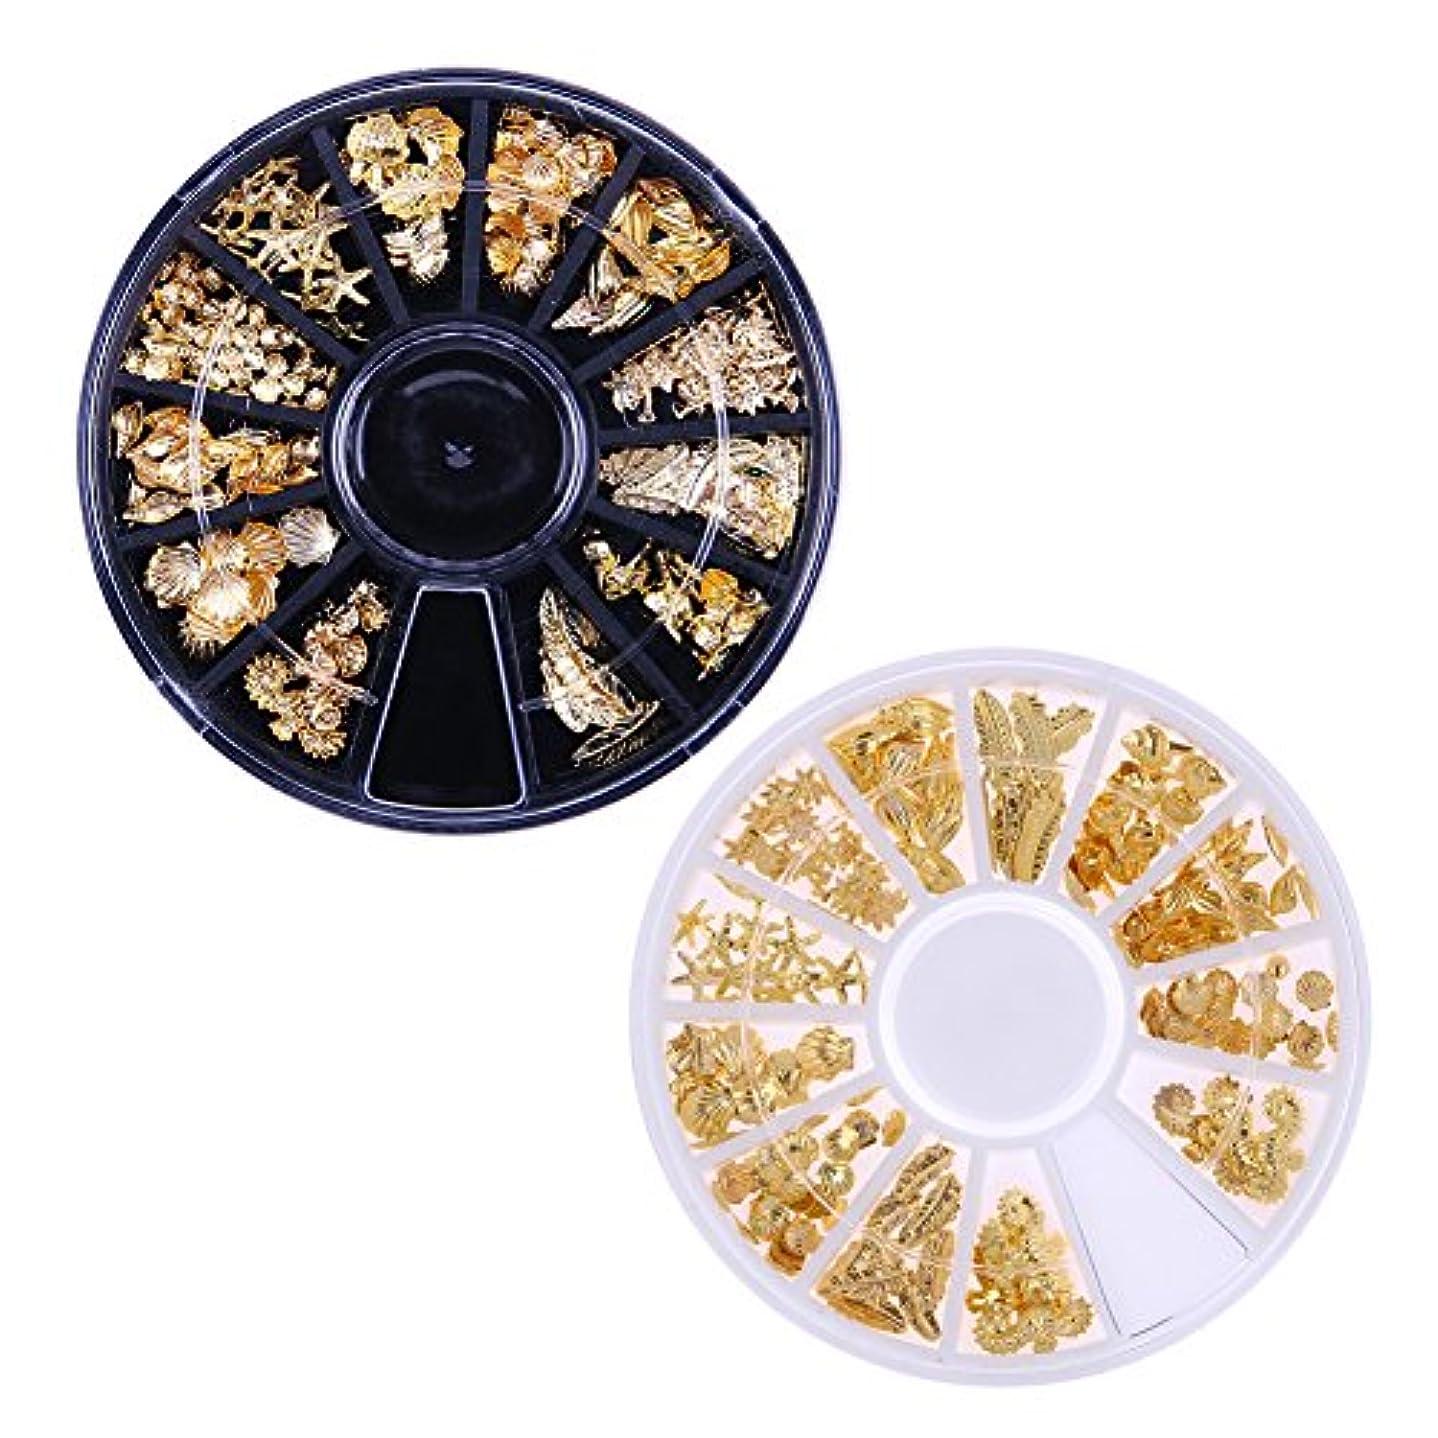 野生技術住所Demiawaking 3D ネイルパーツ メタル ゴールド 海テーマ(貝殻/海馬/海星など) 12種形 ネイルデコレーション ラウンドケース入リ 2ケース